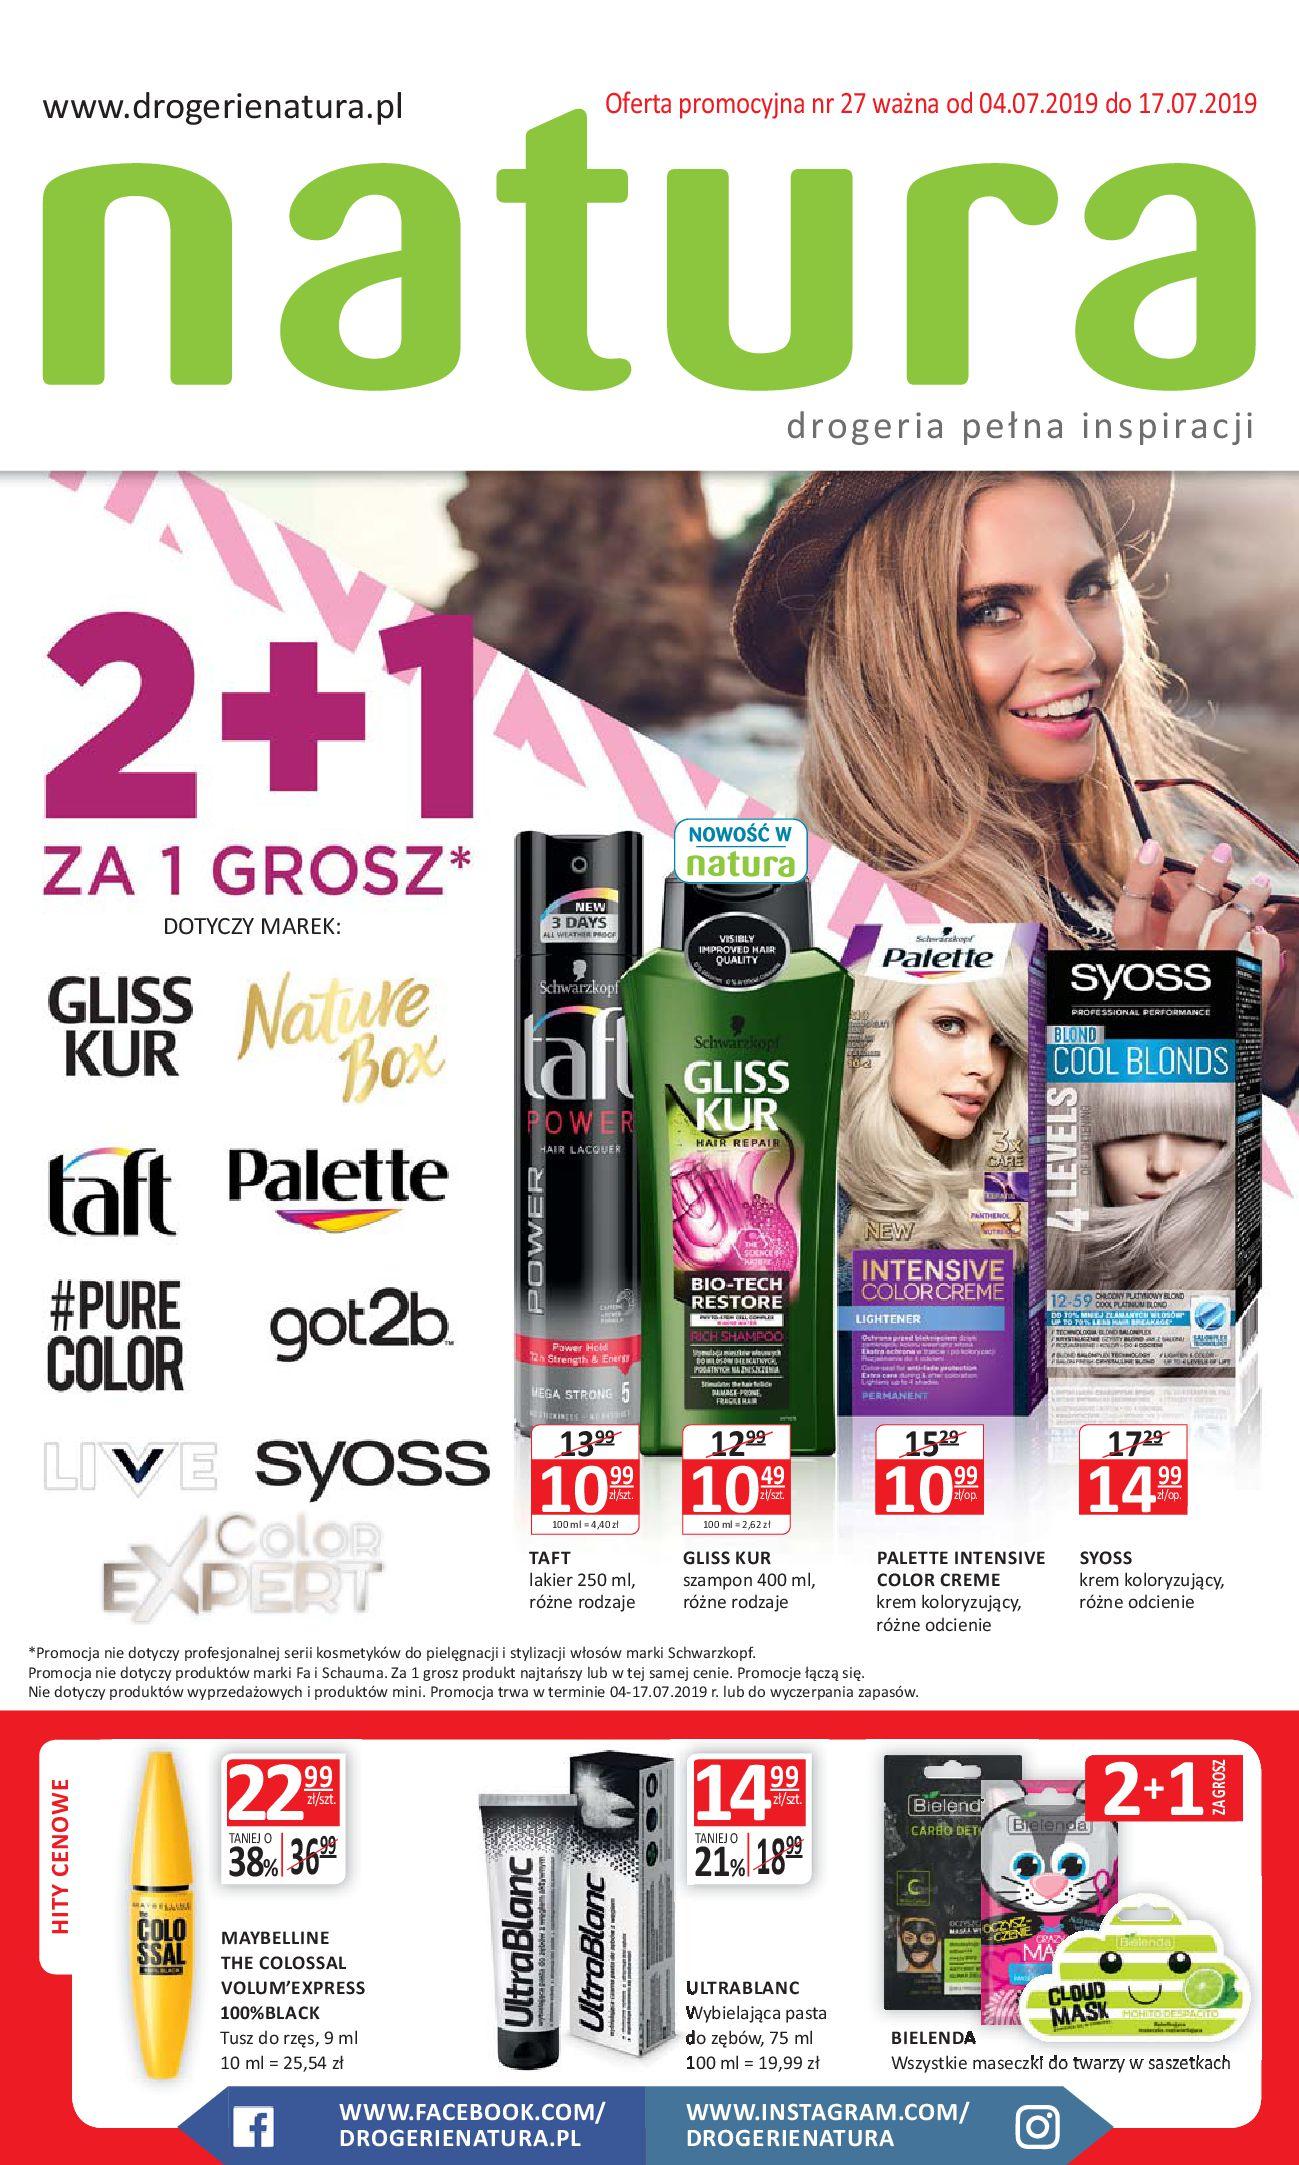 Gazetka Drogerie Natura - Oferta promocyjna-03.07.2019-17.07.2019-page-